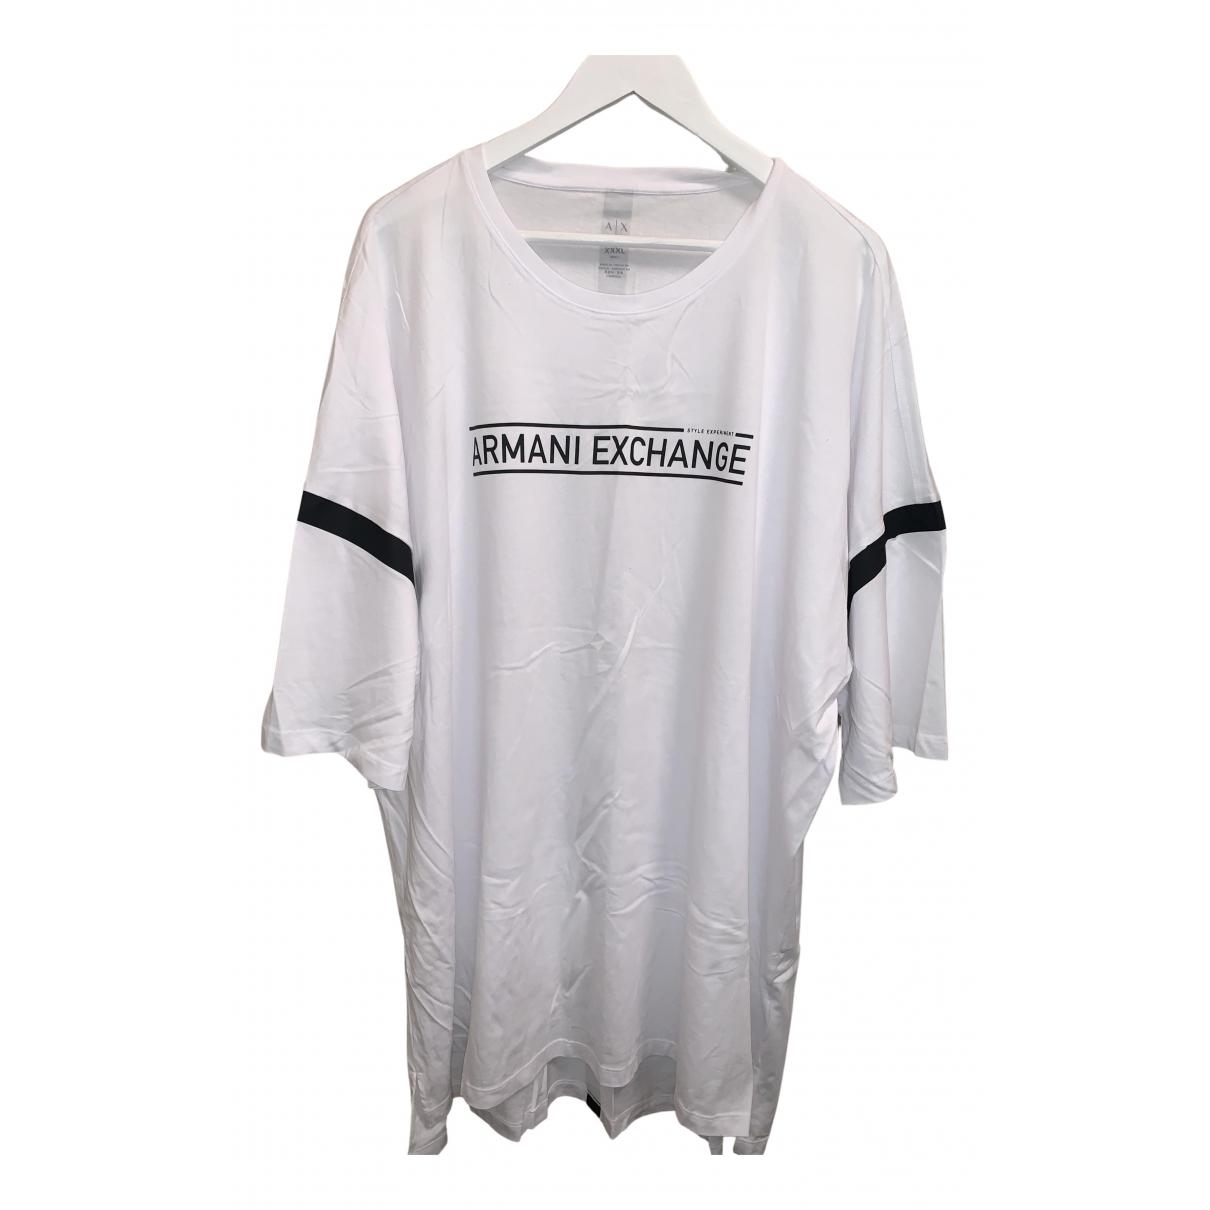 Emporio Armani N White Cotton T-shirts for Men XXXL International